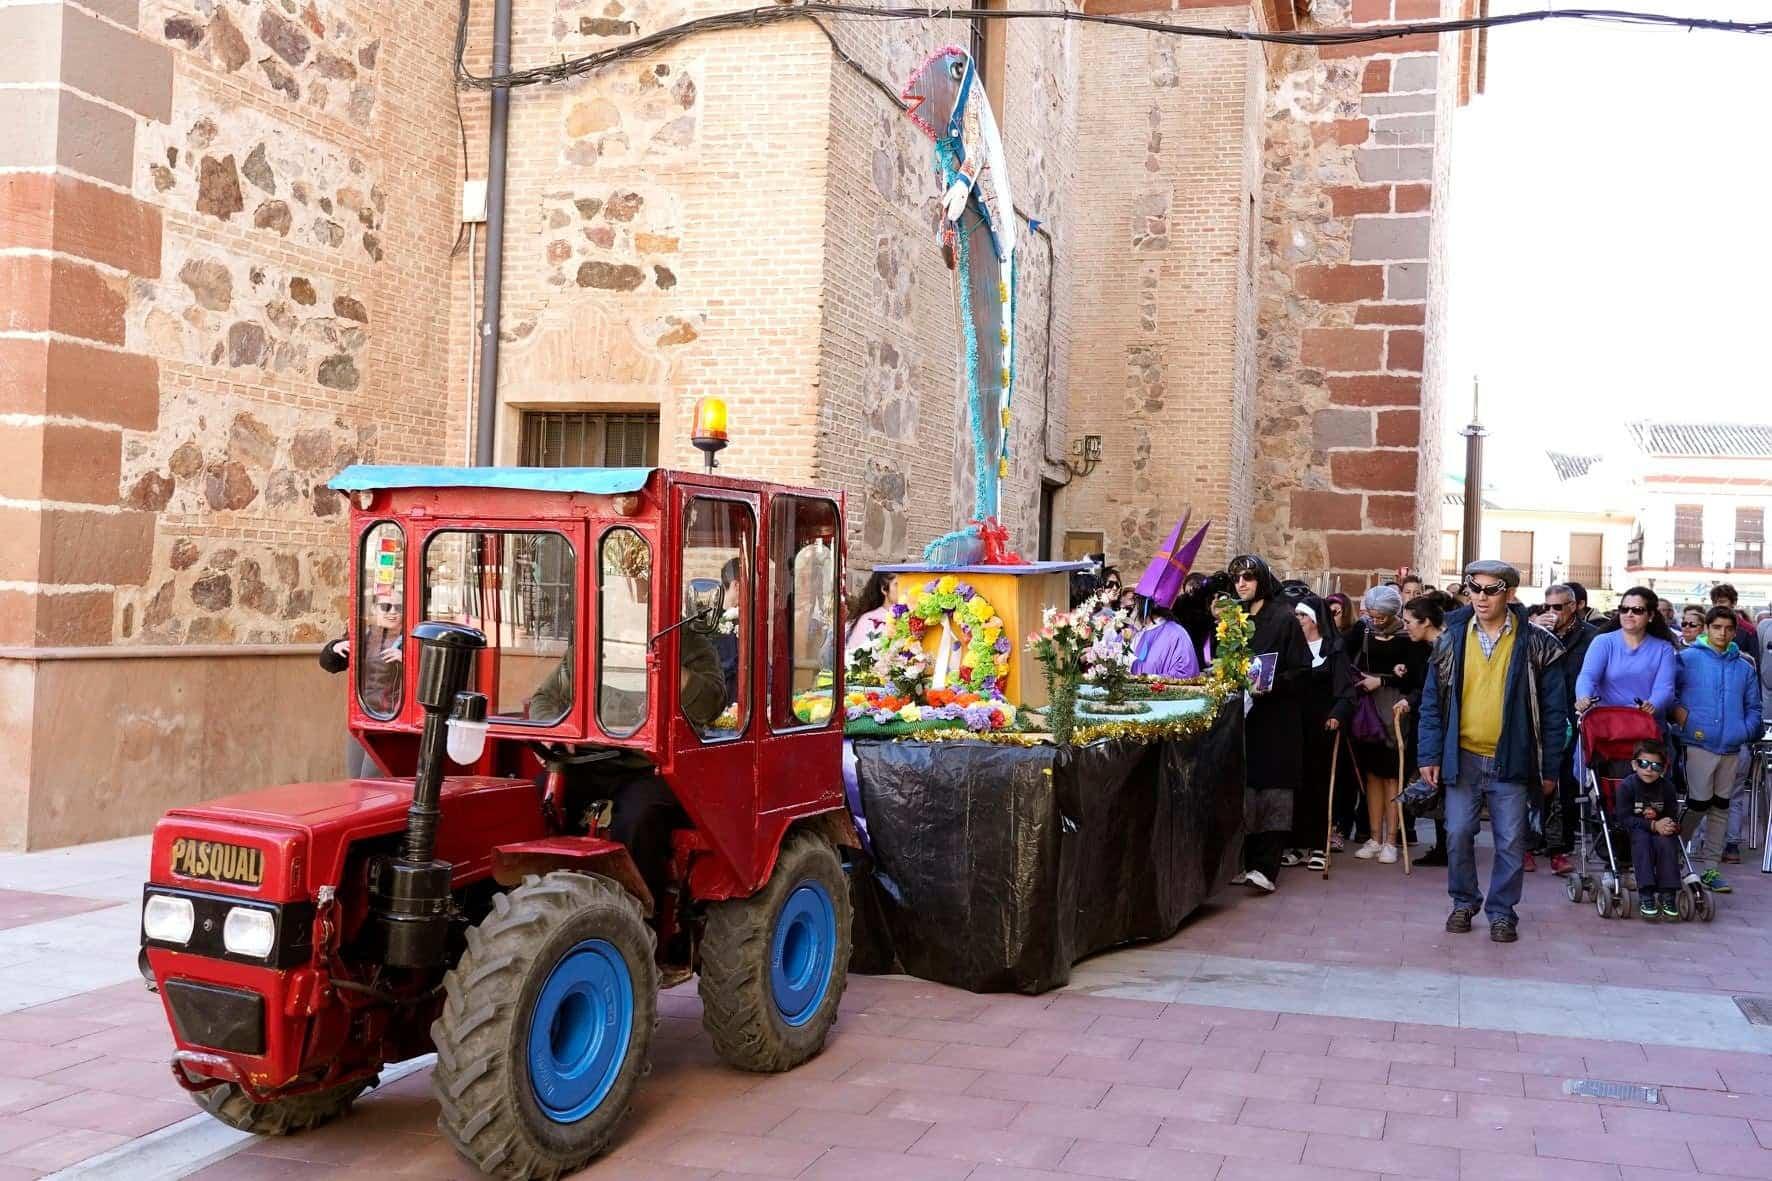 Carnaval de Herencia 2020 entierro sardina 20 - El Entierro de la Sardina 2020 del Carnaval de Herencia